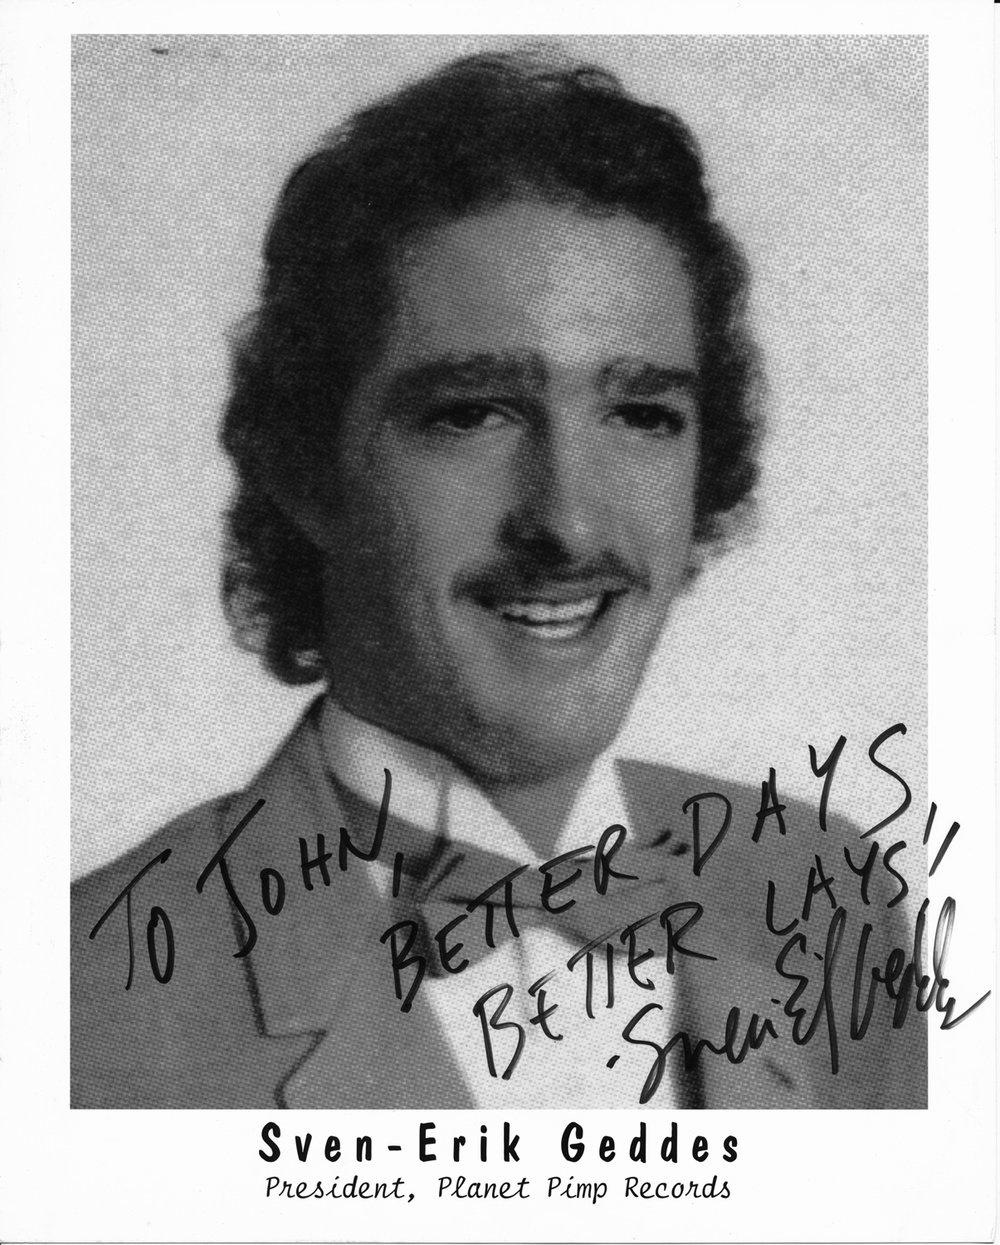 Sven-Autograph-for-John.jpg